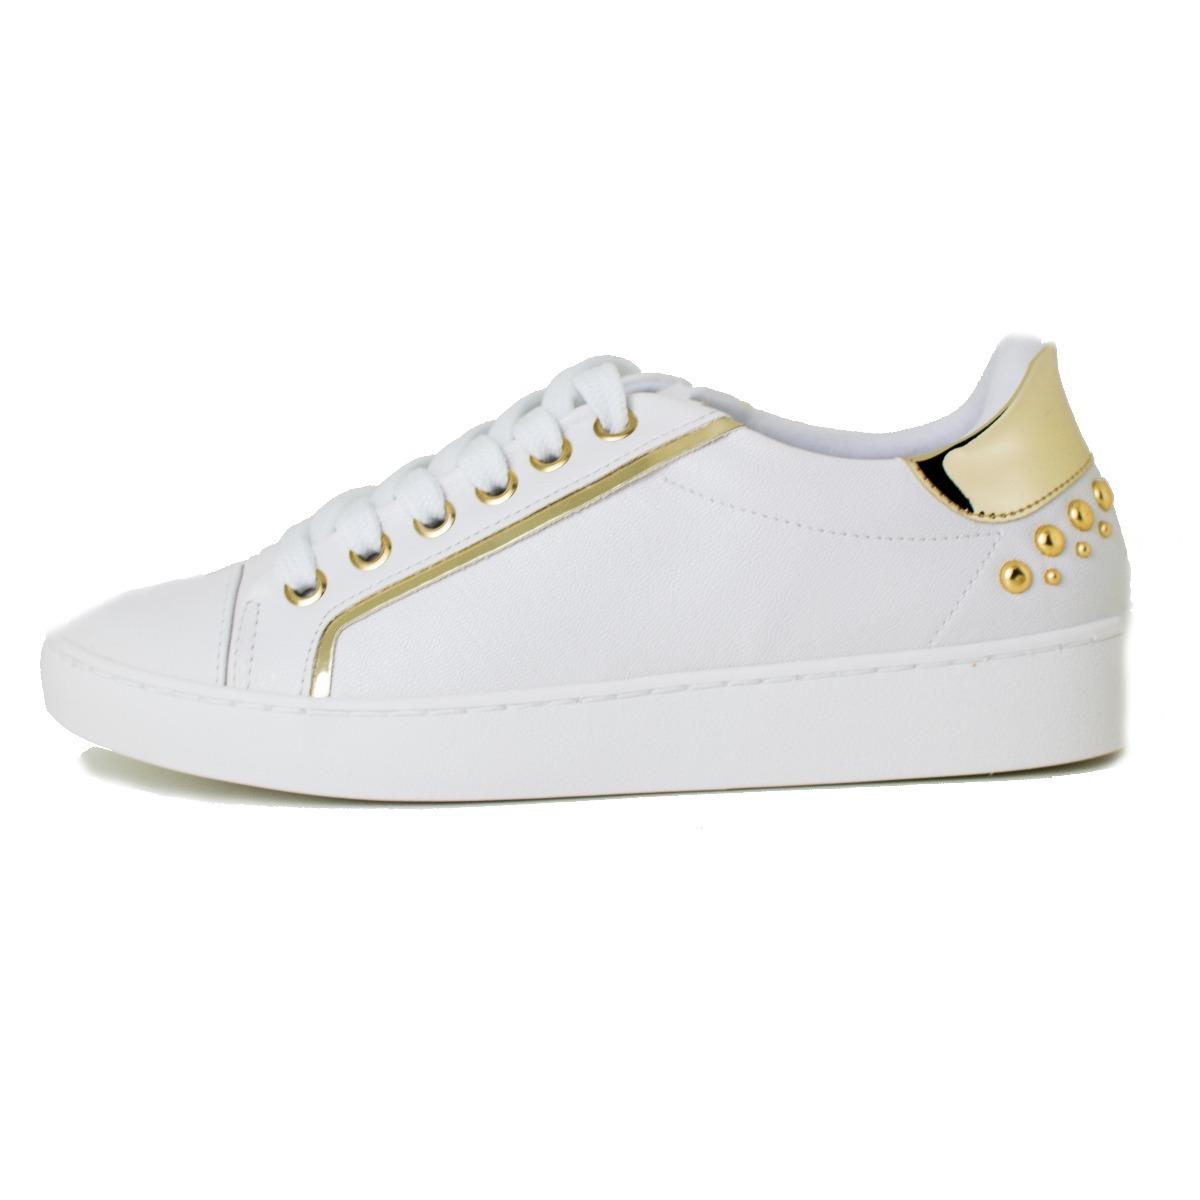 4a1d6a7454d tênis vizzano branco casual filete dourado cobra tachas. Carregando zoom.